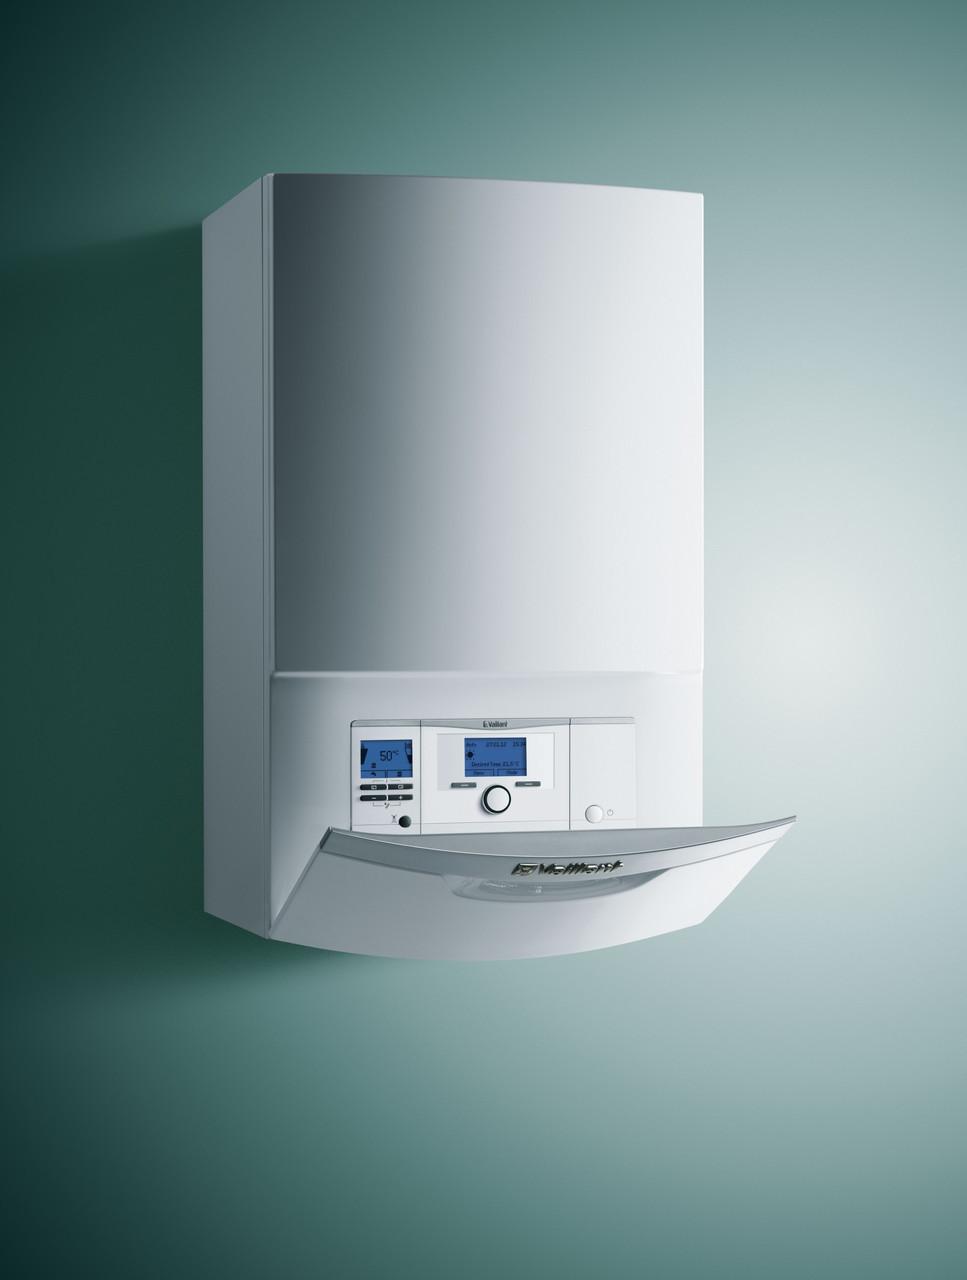 Конденсационный котел со встроенным приготовлением горячей воды Vaillant ecoTEC plus 30 кВт, ГВП 34 кВт